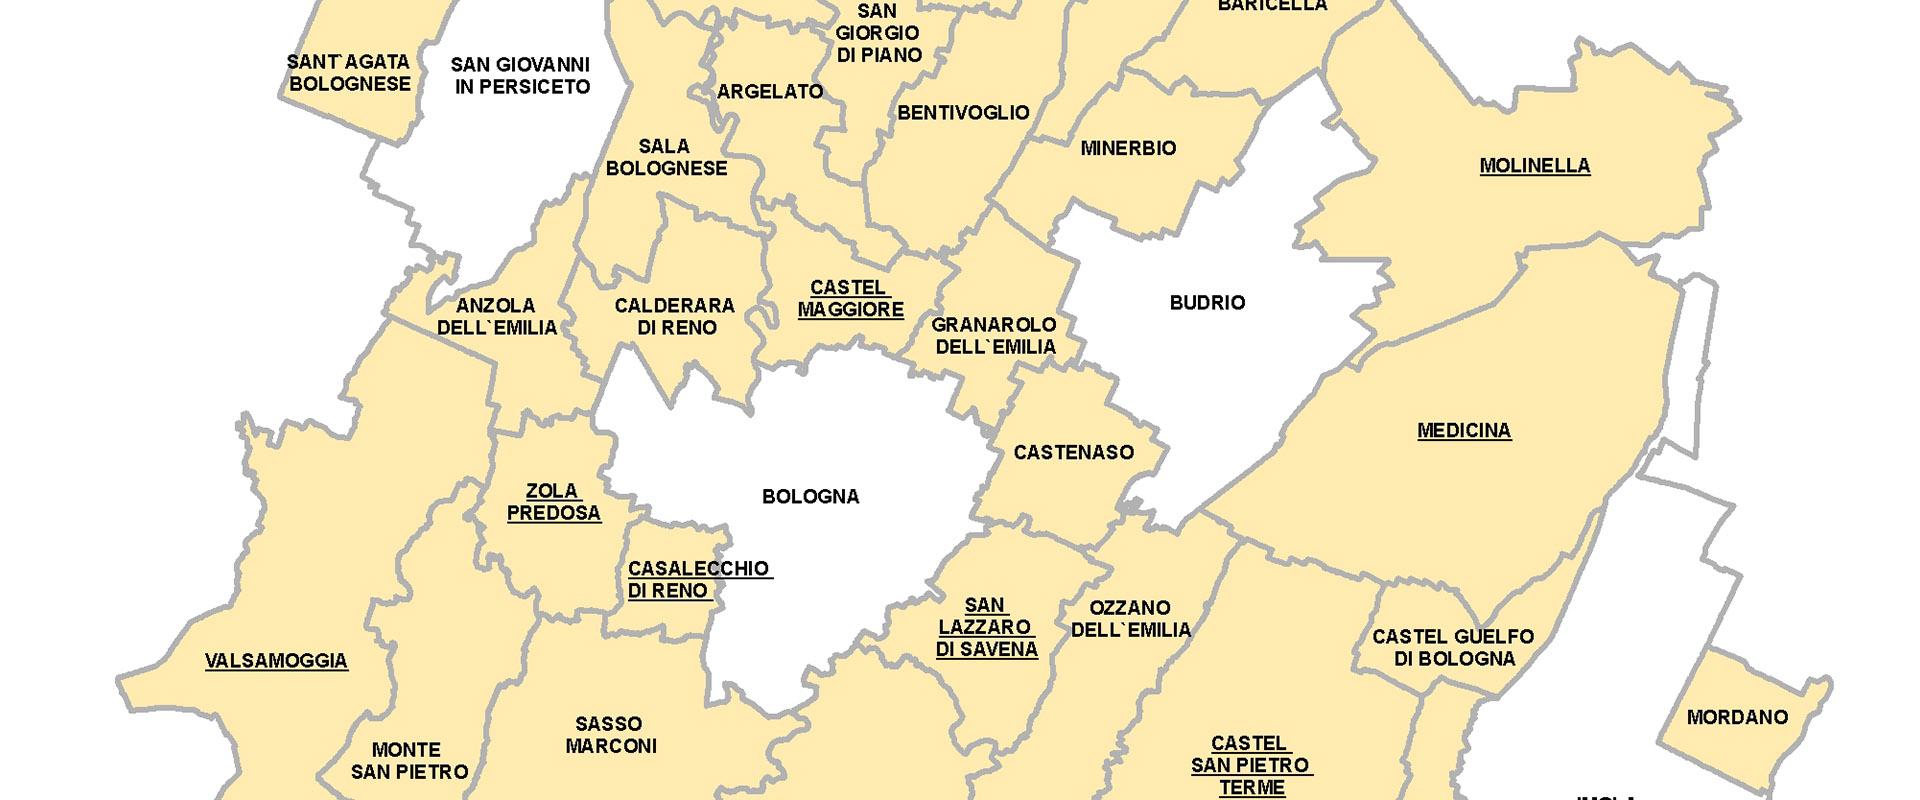 Dettaglio mappa